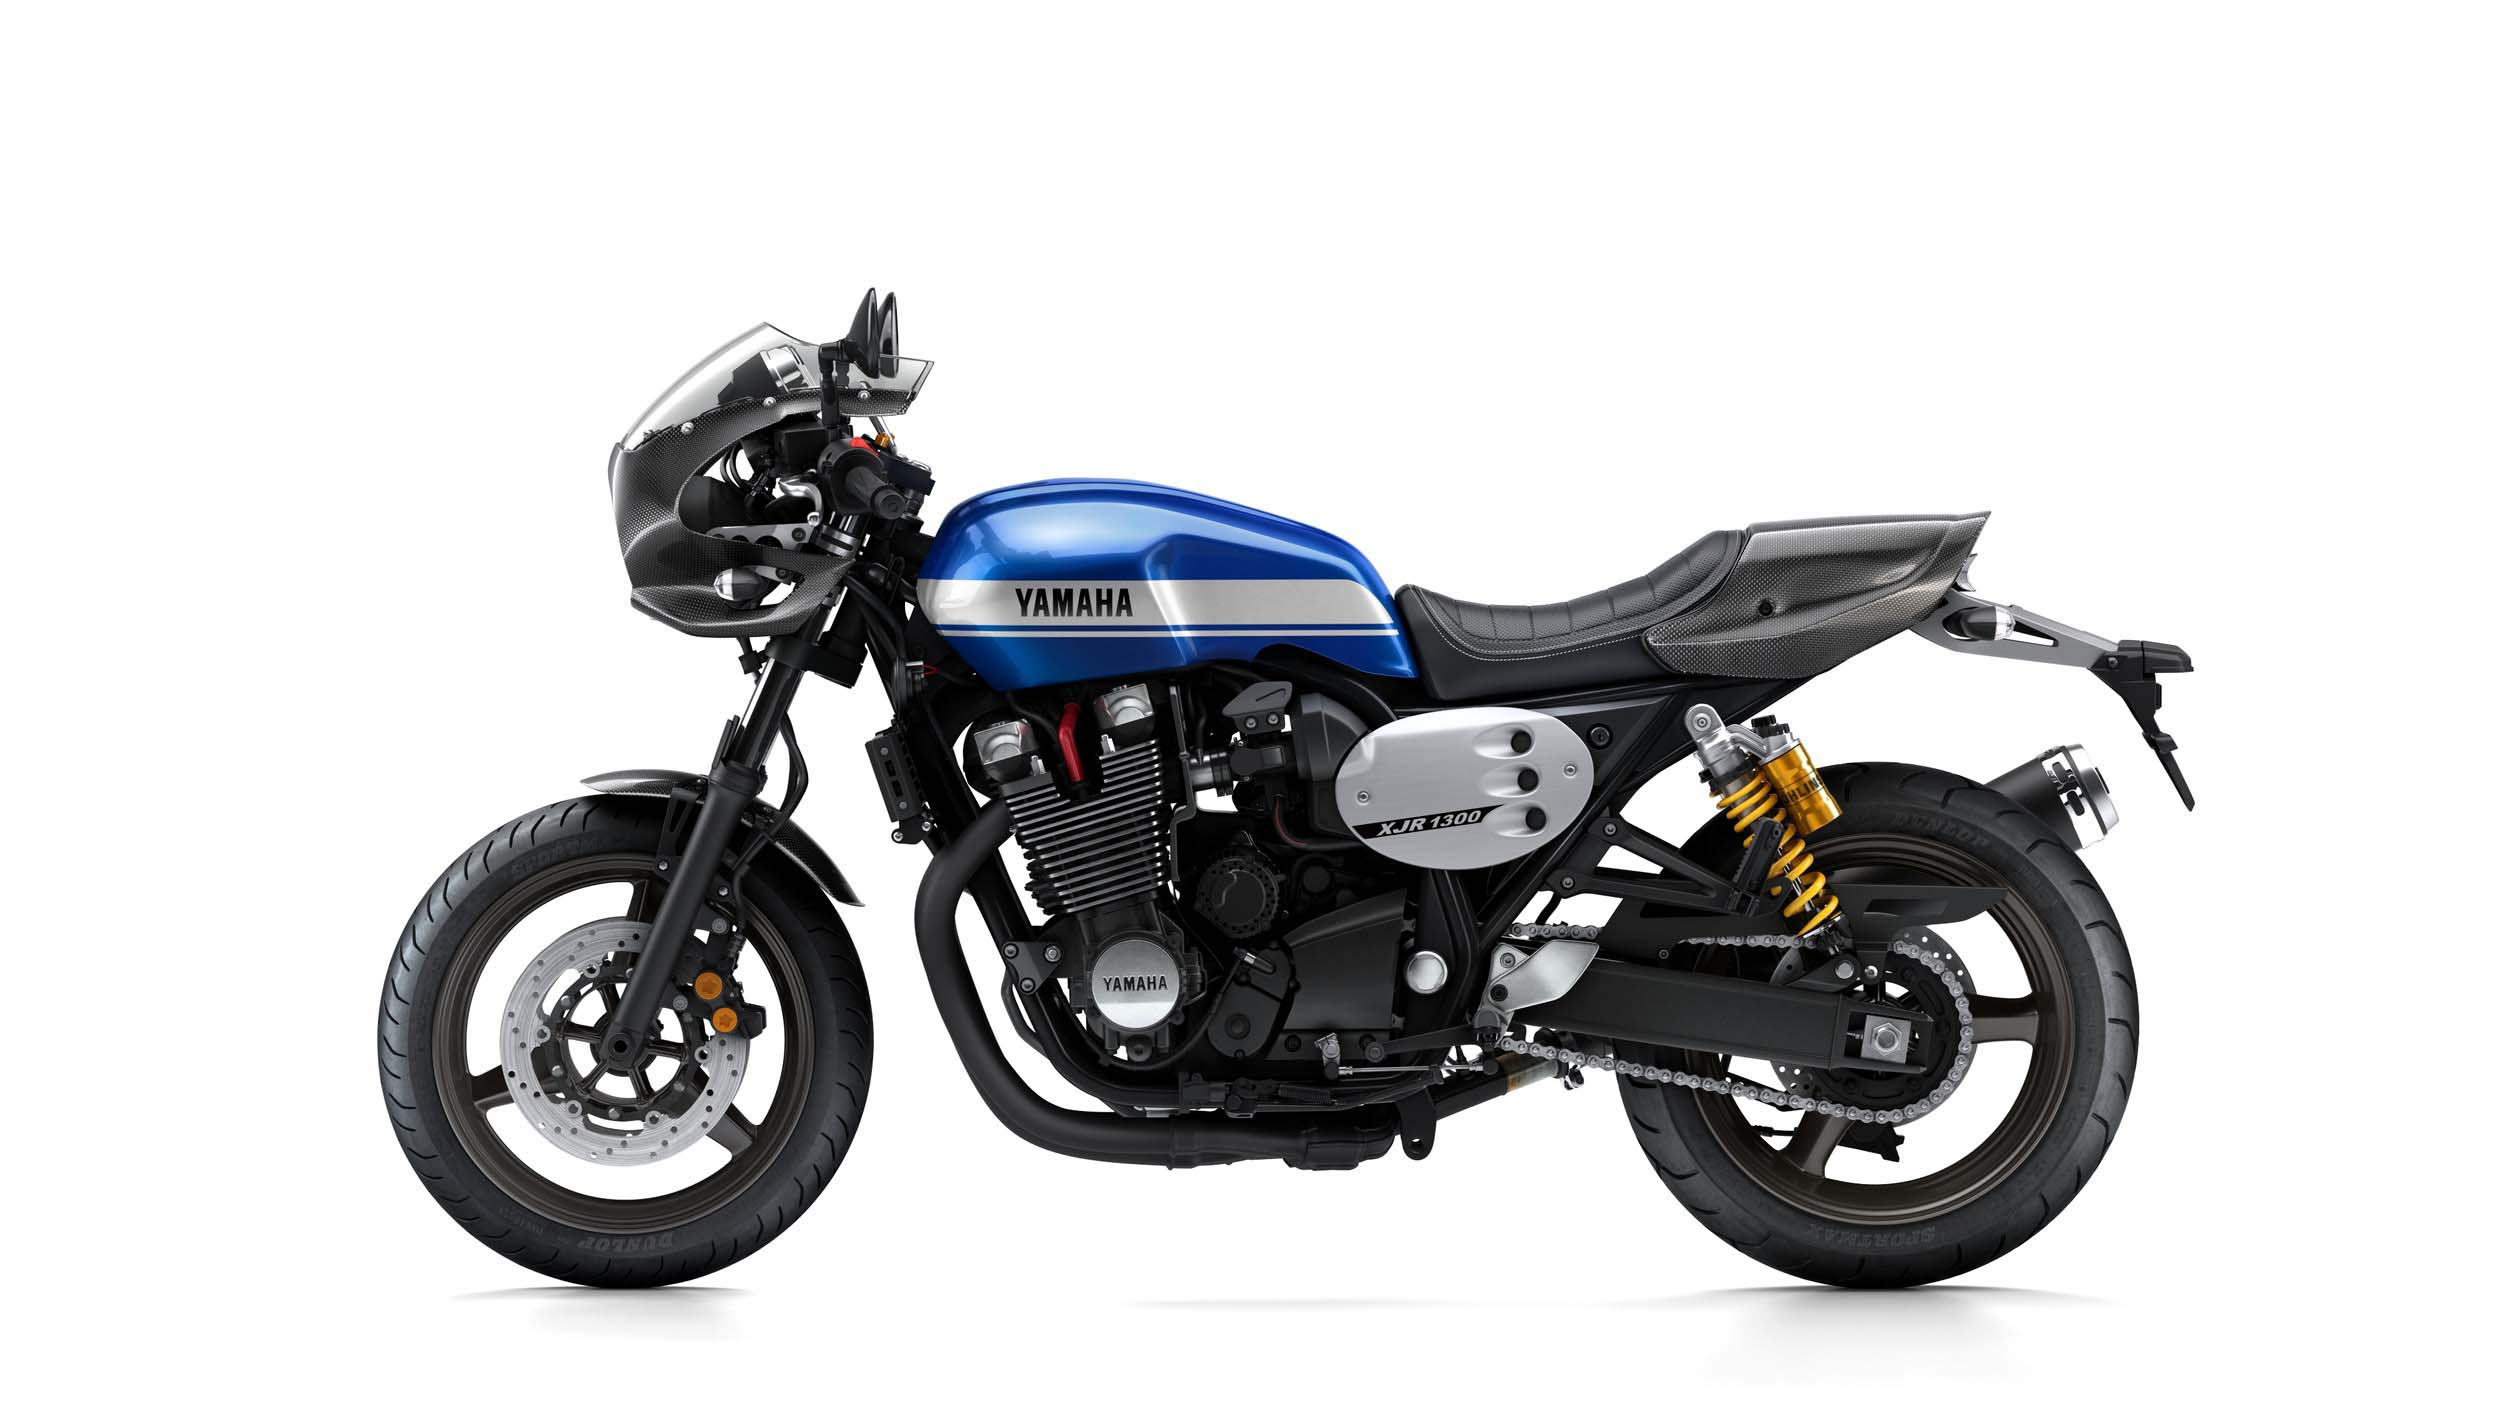 2015 Yamaha XJR1300 Racer - Japan's Cafe Racer - Asphalt & Rubber